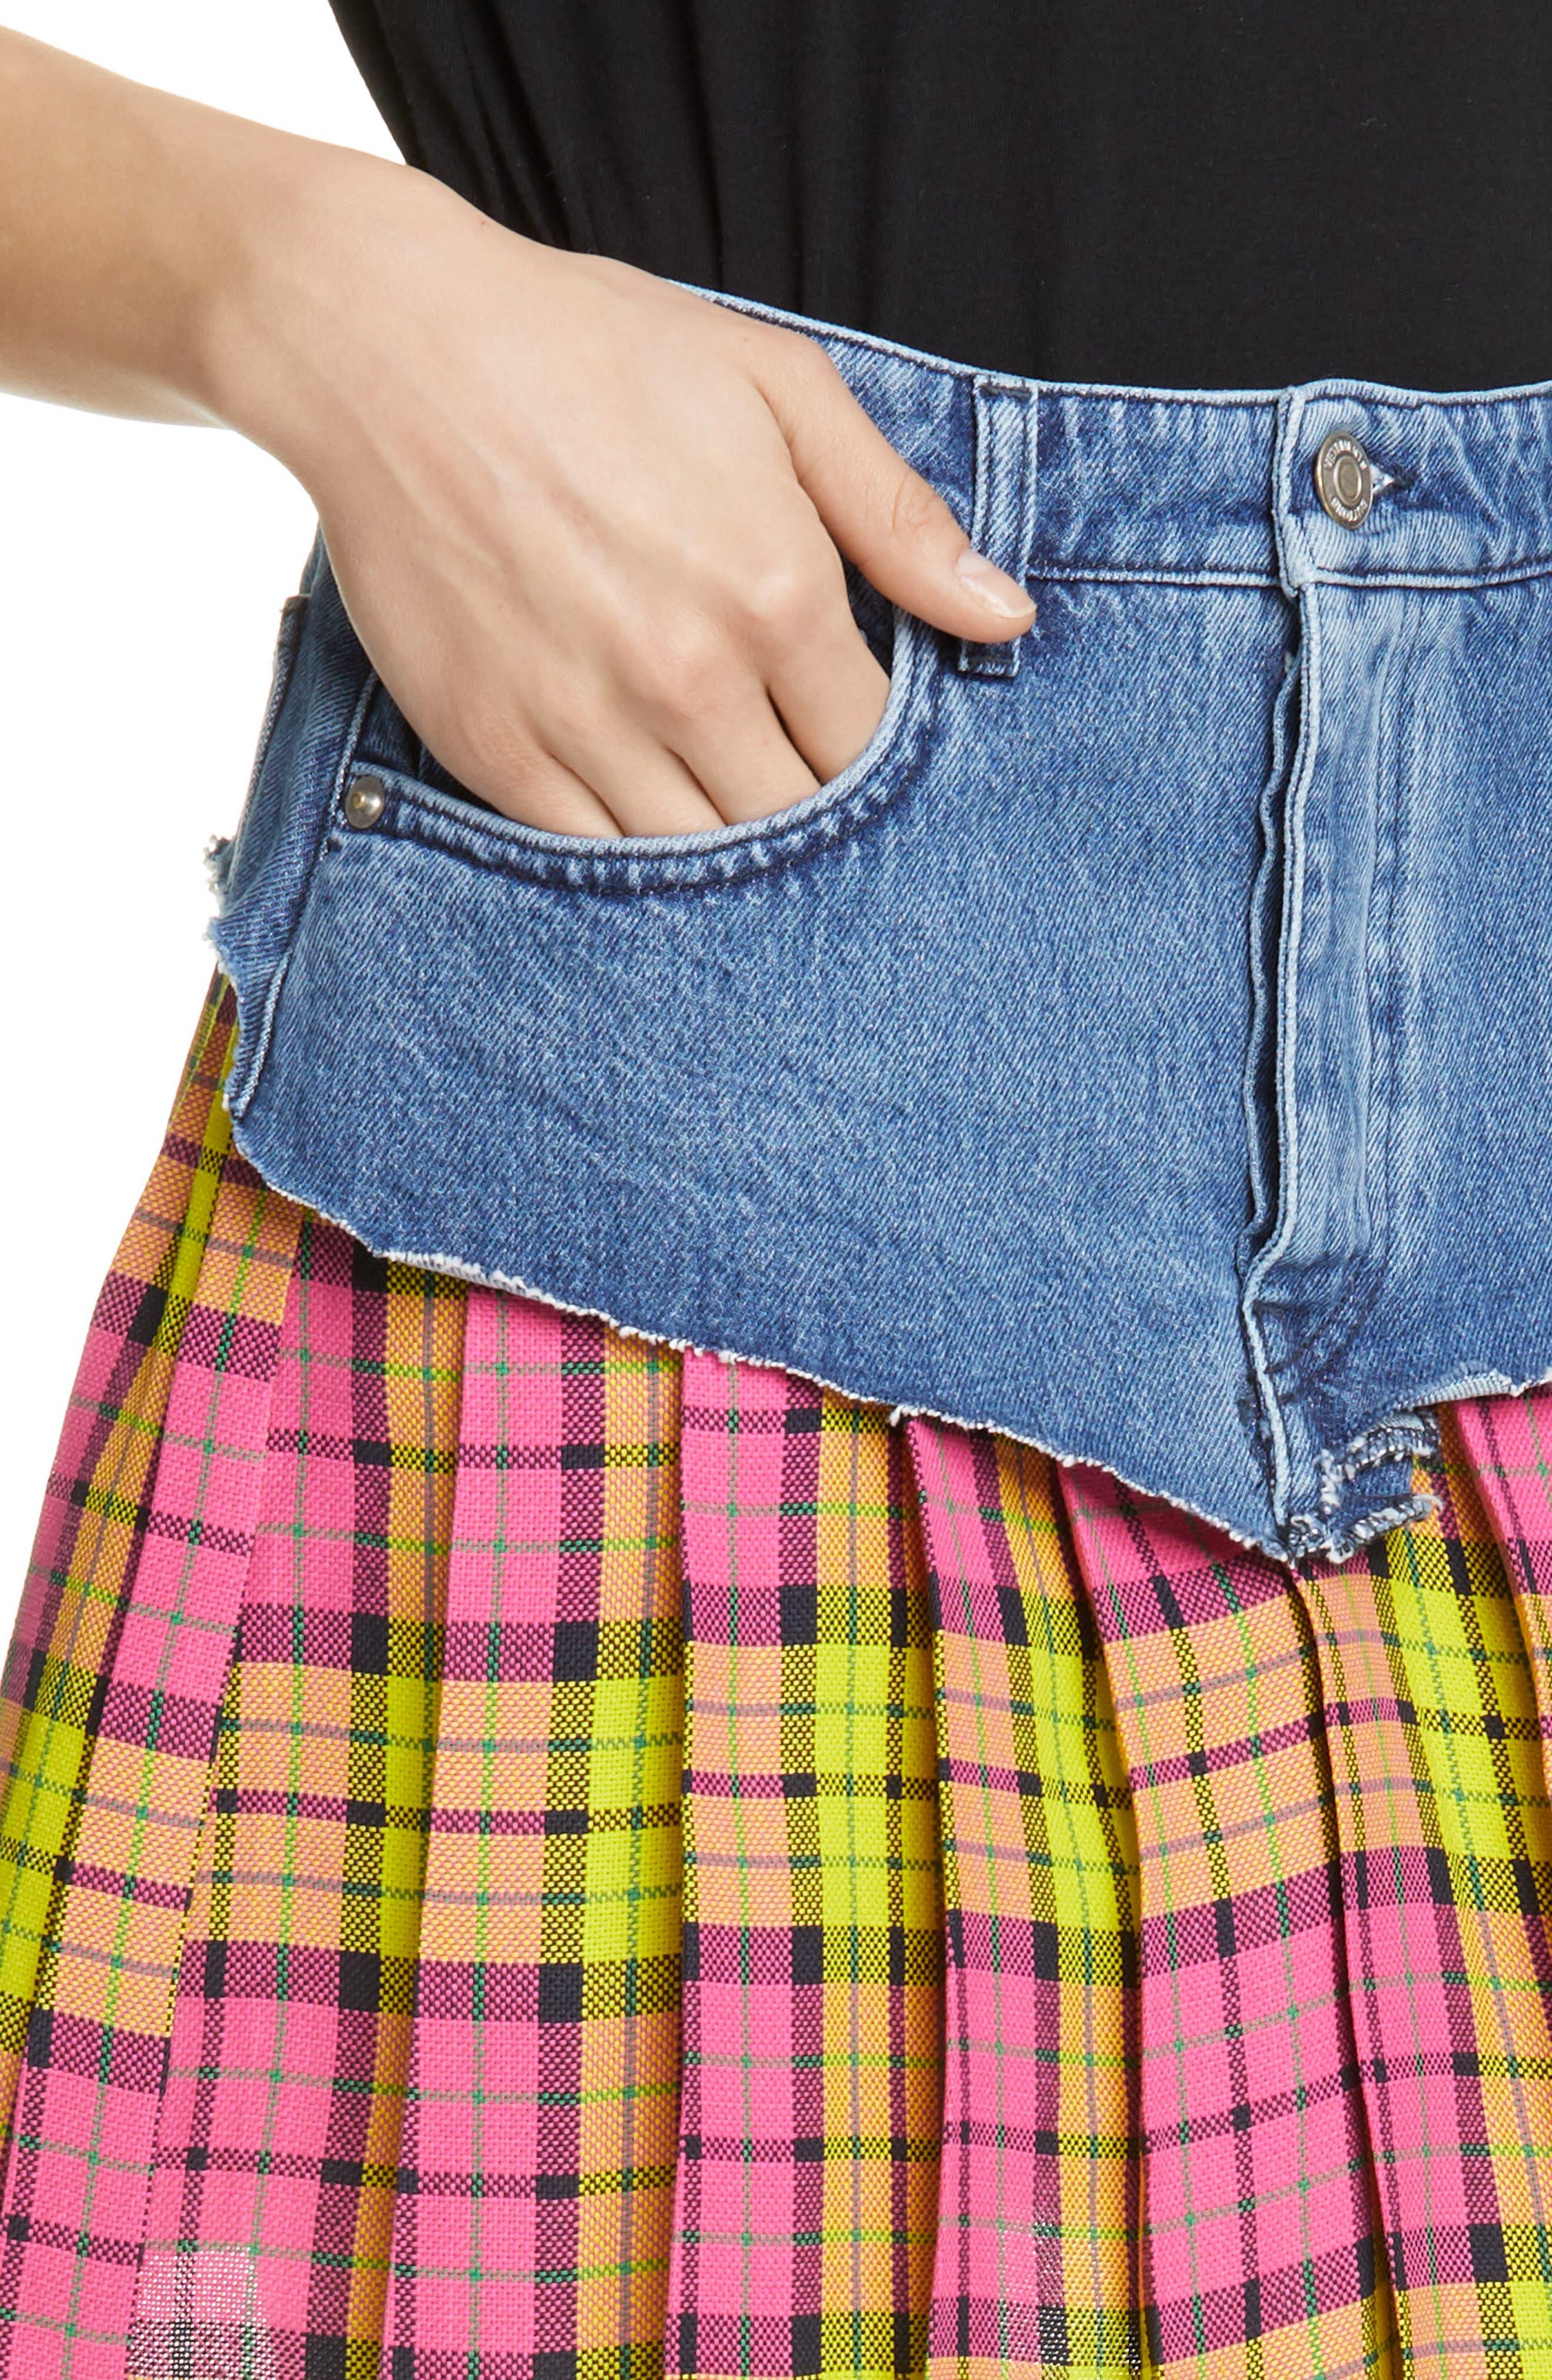 VETEMENTS, Schoolgirl Skirt, Alternate thumbnail 4, color, BLUE